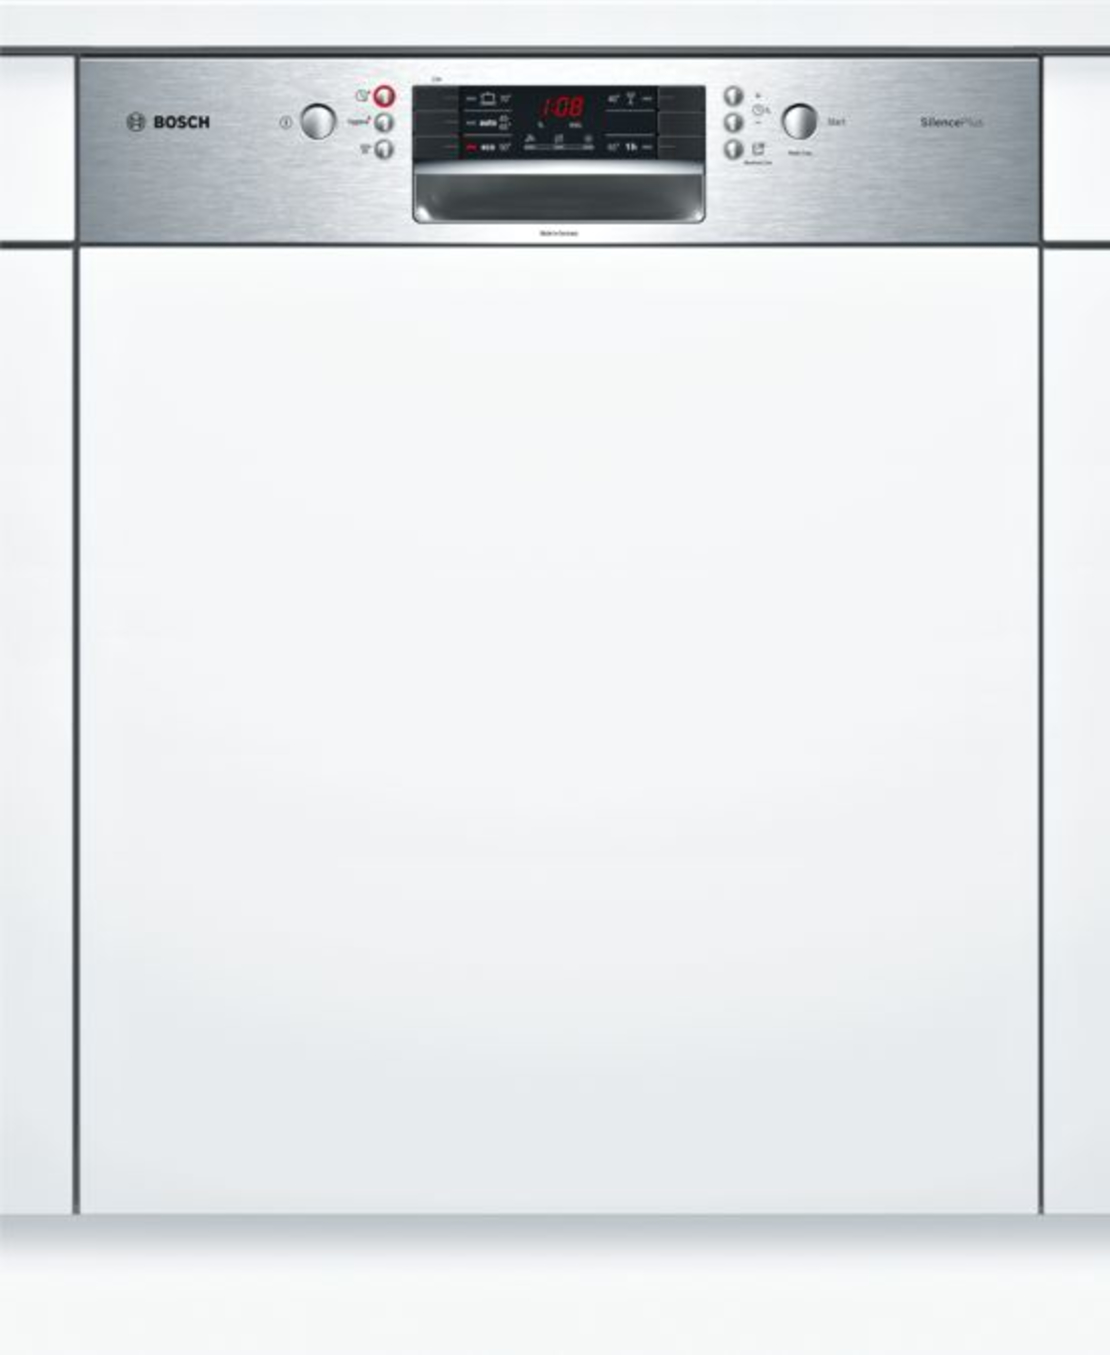 מדיח כלים רחב חצי אינטגרלי בוש Bosch SMI45IS00Y